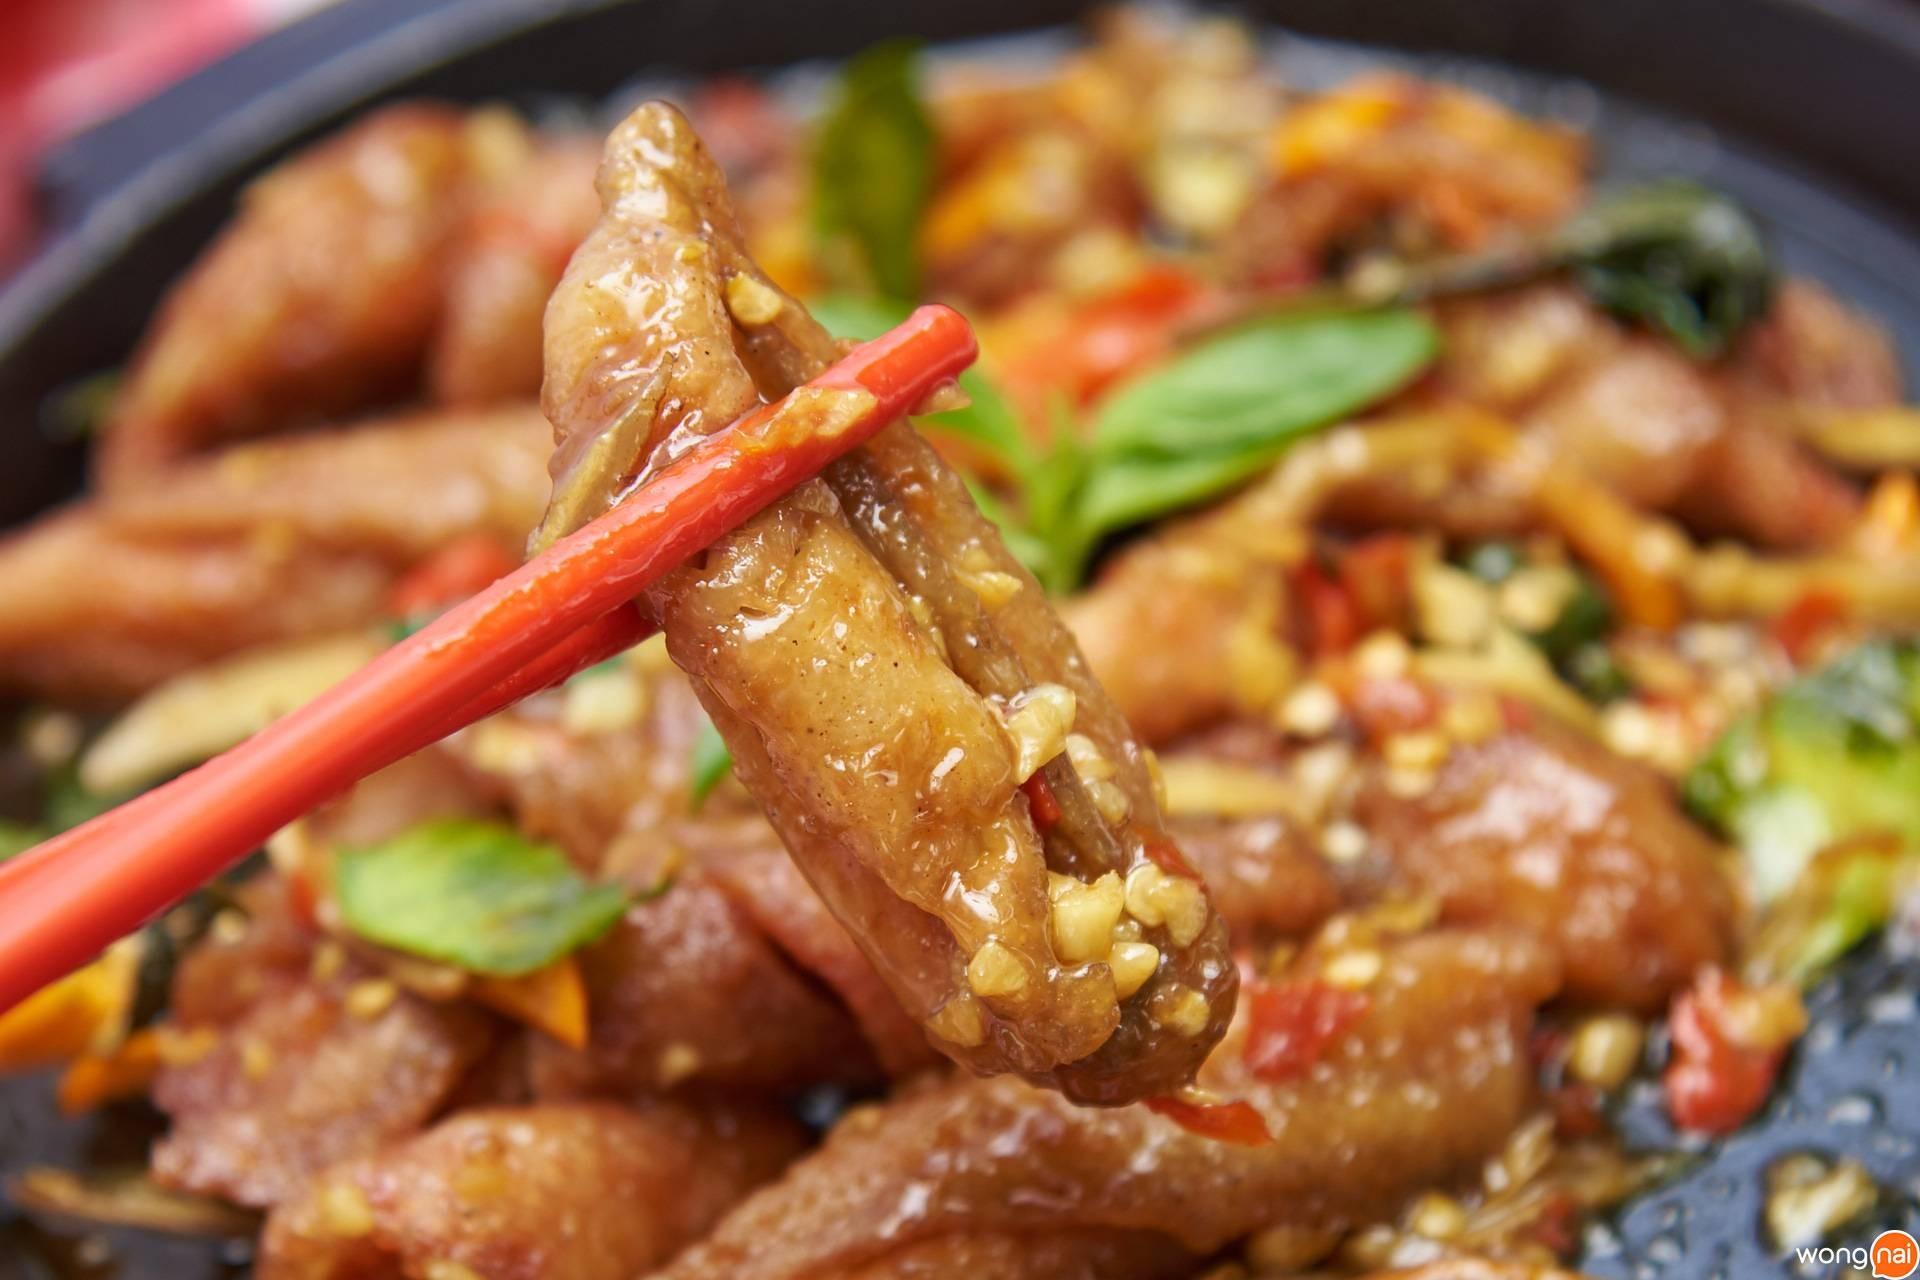 เนื้อปลากะพงผัดฉ่ากระทะร้อนของ ร้าน คิวทอง คิทเช่น